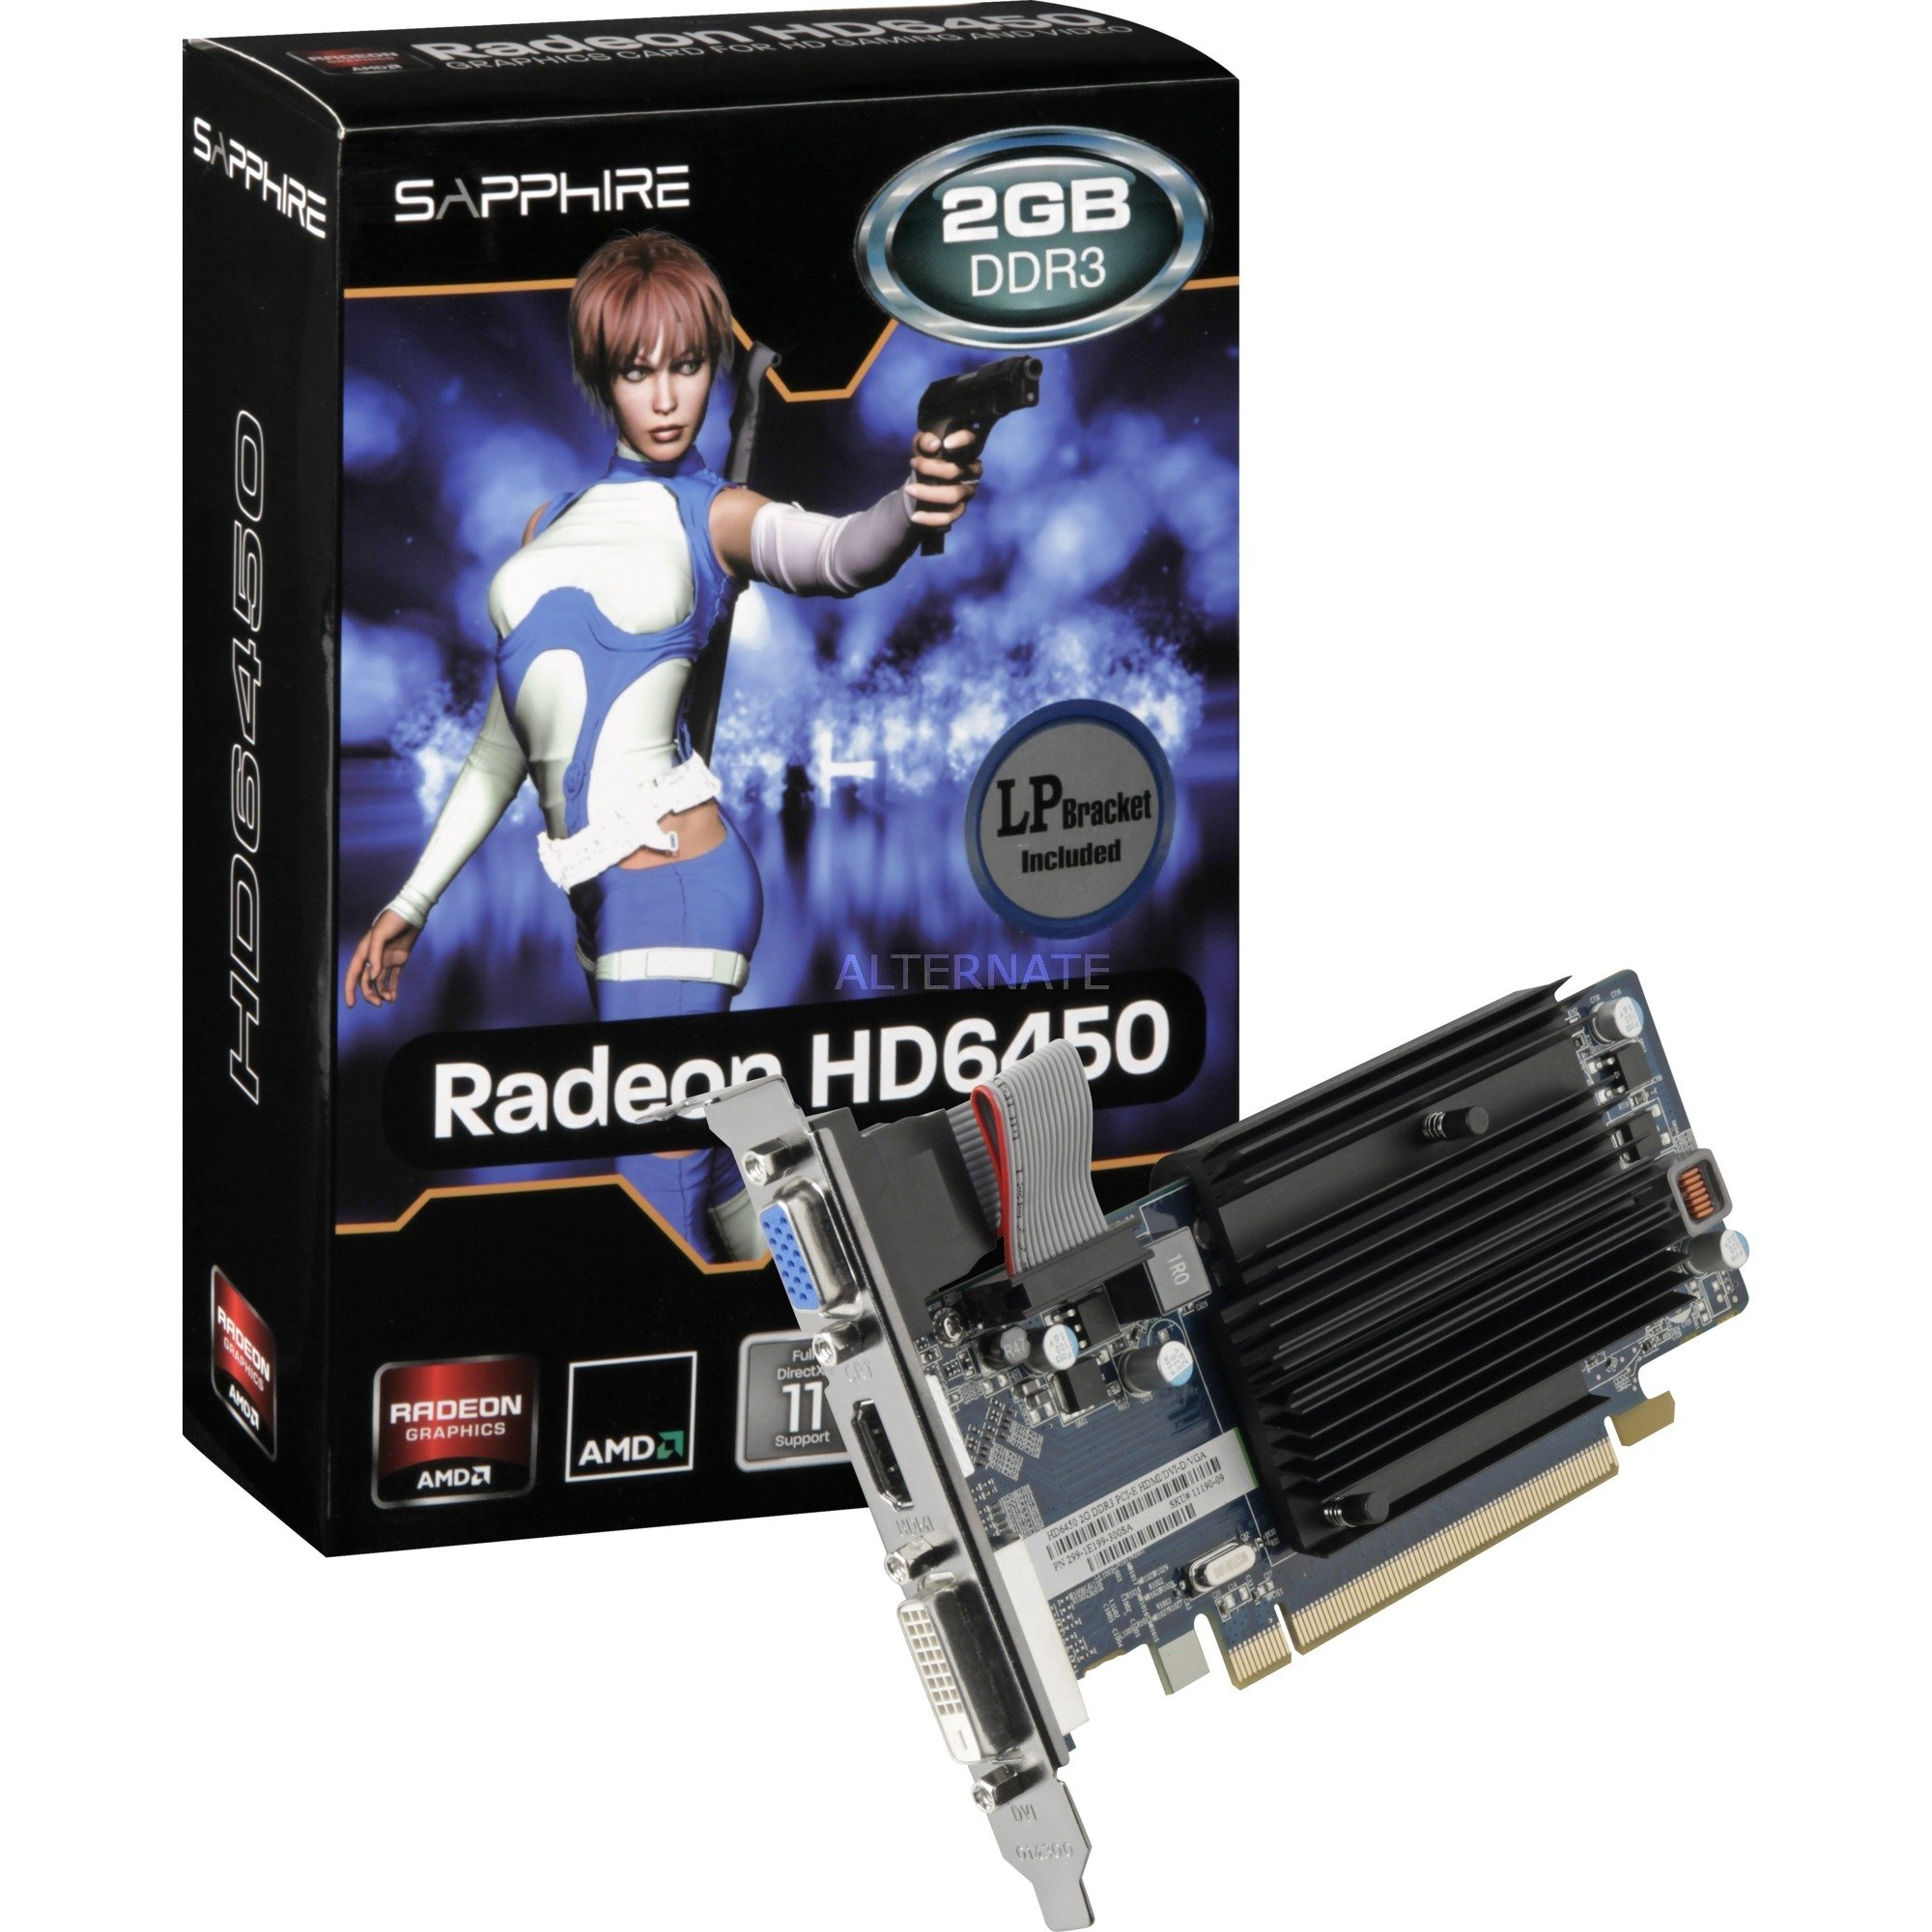 11190-09-20G Radeon HD6450 2GB GDDR3 tarjeta gráfica